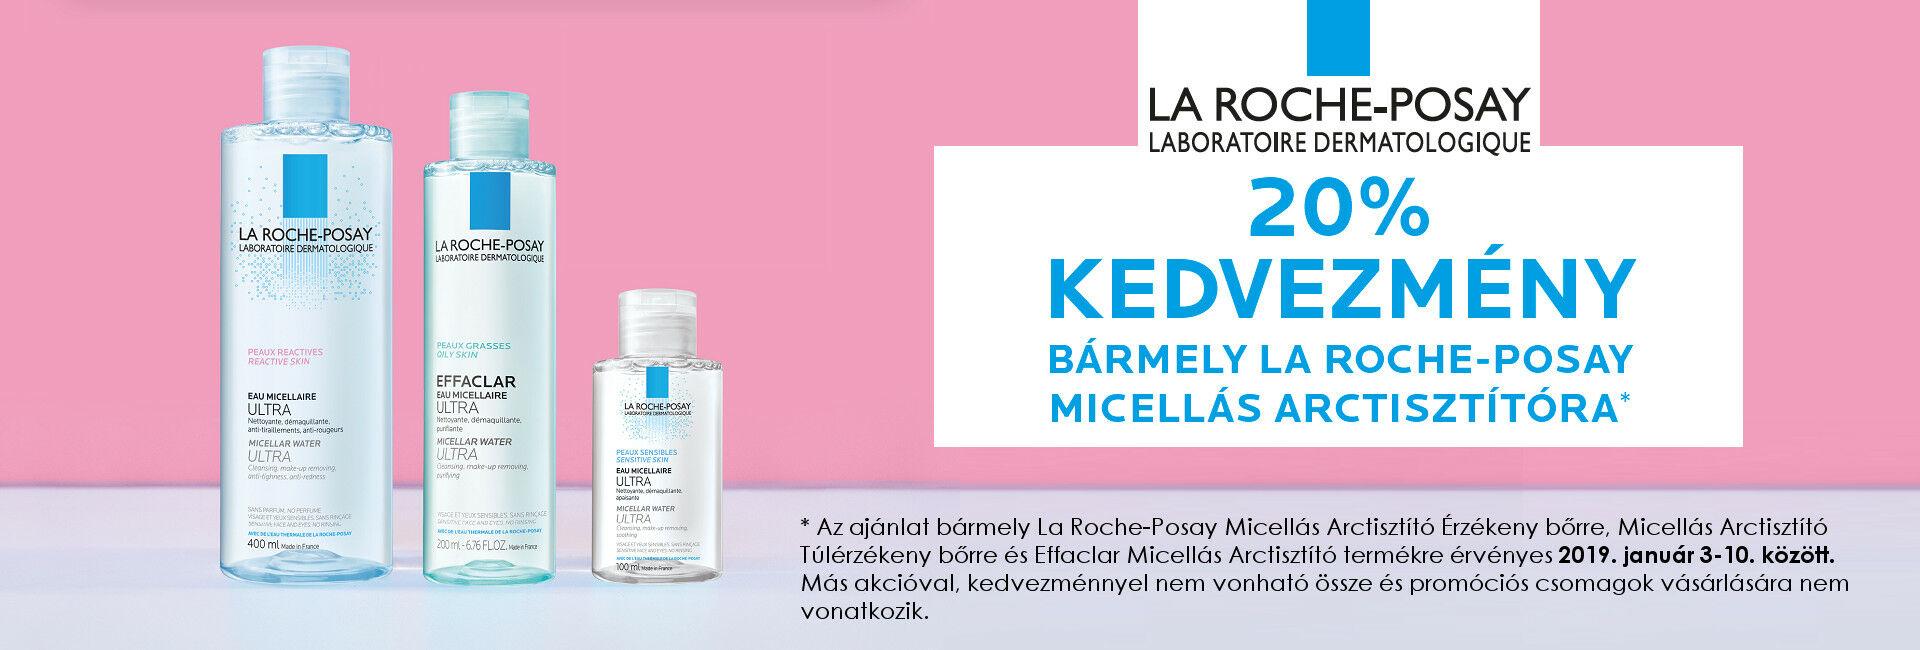 2019. január 3-10. között a La Roche-Posay Micellás Arctisztító Érzékeny bőrre, Micellás Arctisztító Túlérzékeny bőrre és Effaclar Micellás Arctisztító termékekre 20% kedvezményt adunk!